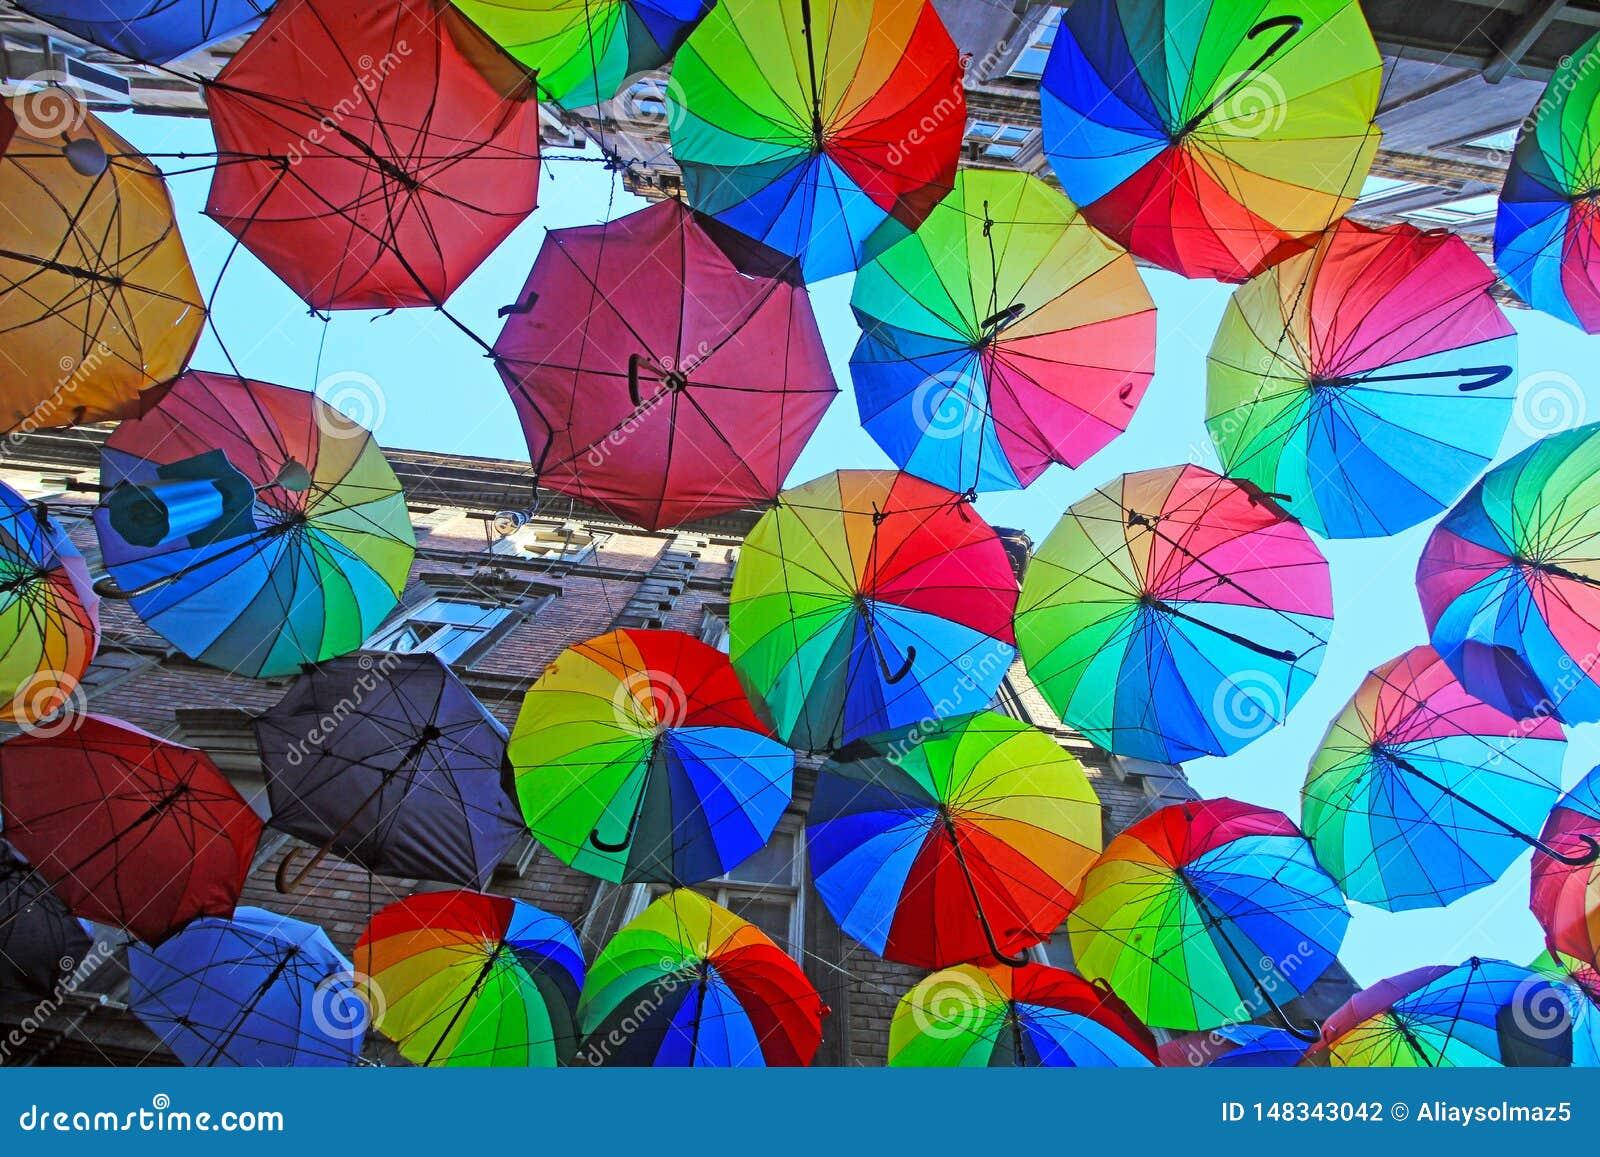 Costantinopoli, Karakoy/Turchia - 04 04 2019: Gli ombrelli variopinti hanno decorato la cima della via di Karakoy a Costantinopol